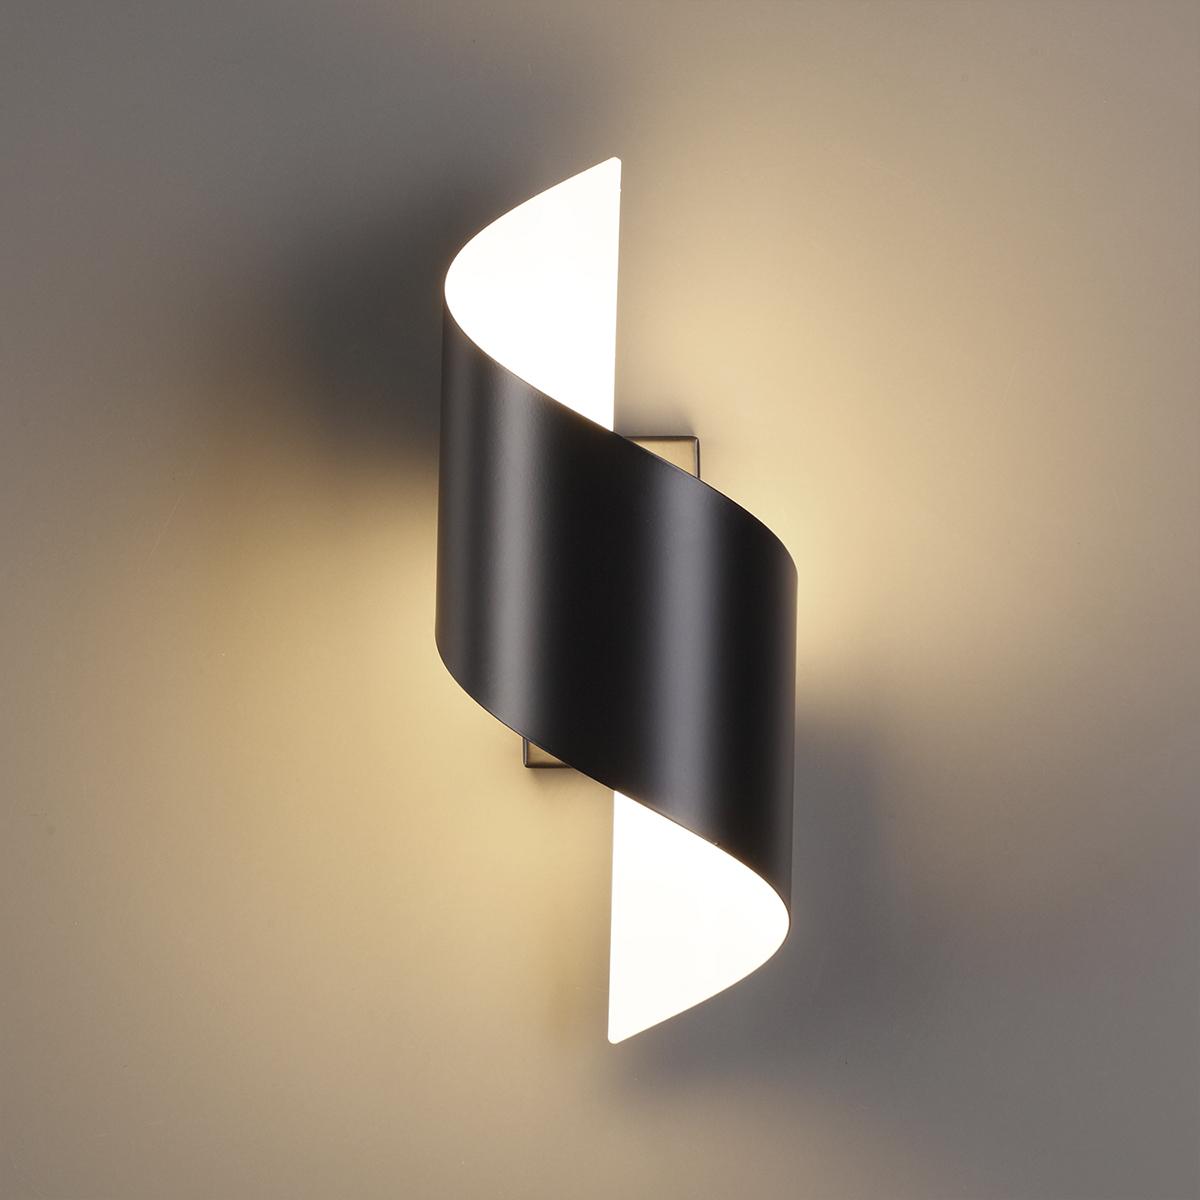 Настенный светодиодный светильник Odeon Light Hightech Boccolo 3542/5LW, LED 5W 3000K 500lm, черный, черный с белым, металл - фото 1